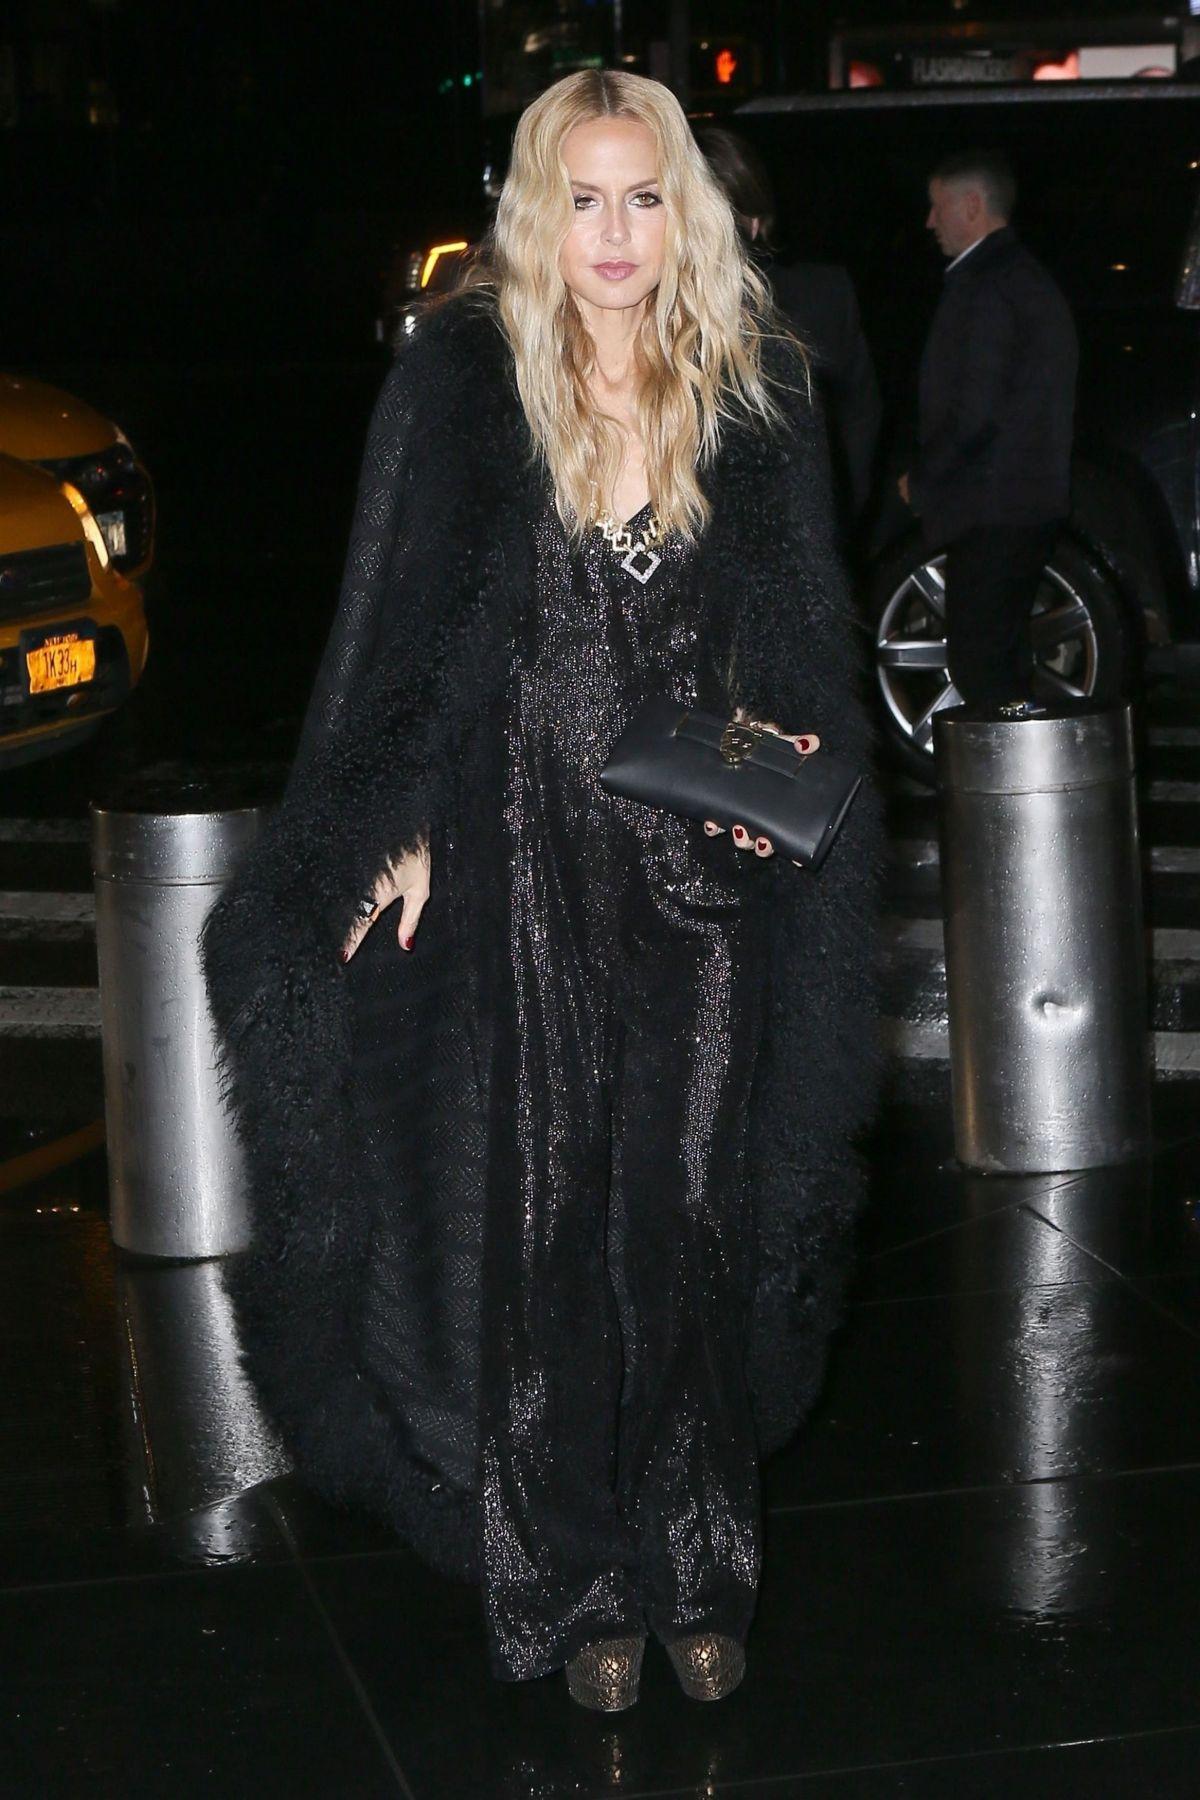 Rachel Zoe's Favorite Looks From New York Fashion Week 49